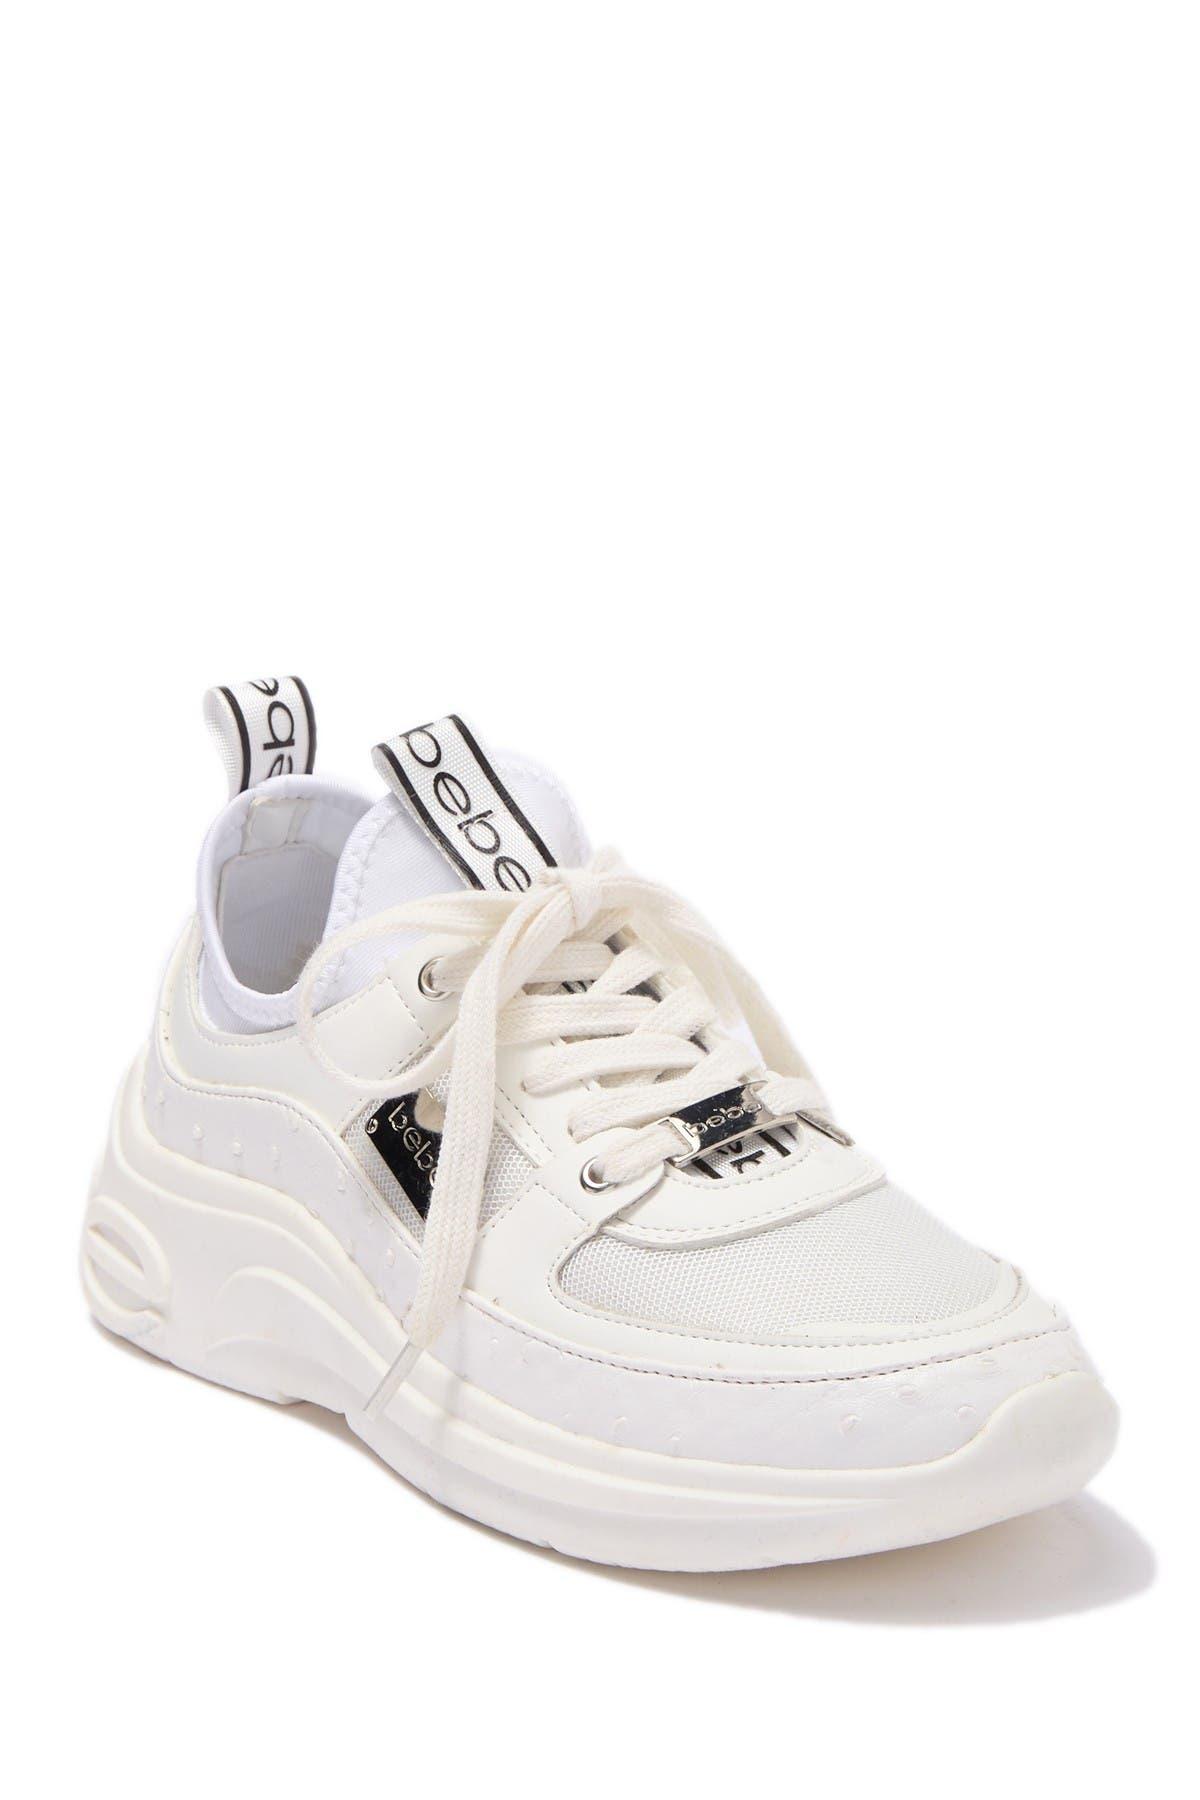 bebe | Lealea Chunky Sneaker